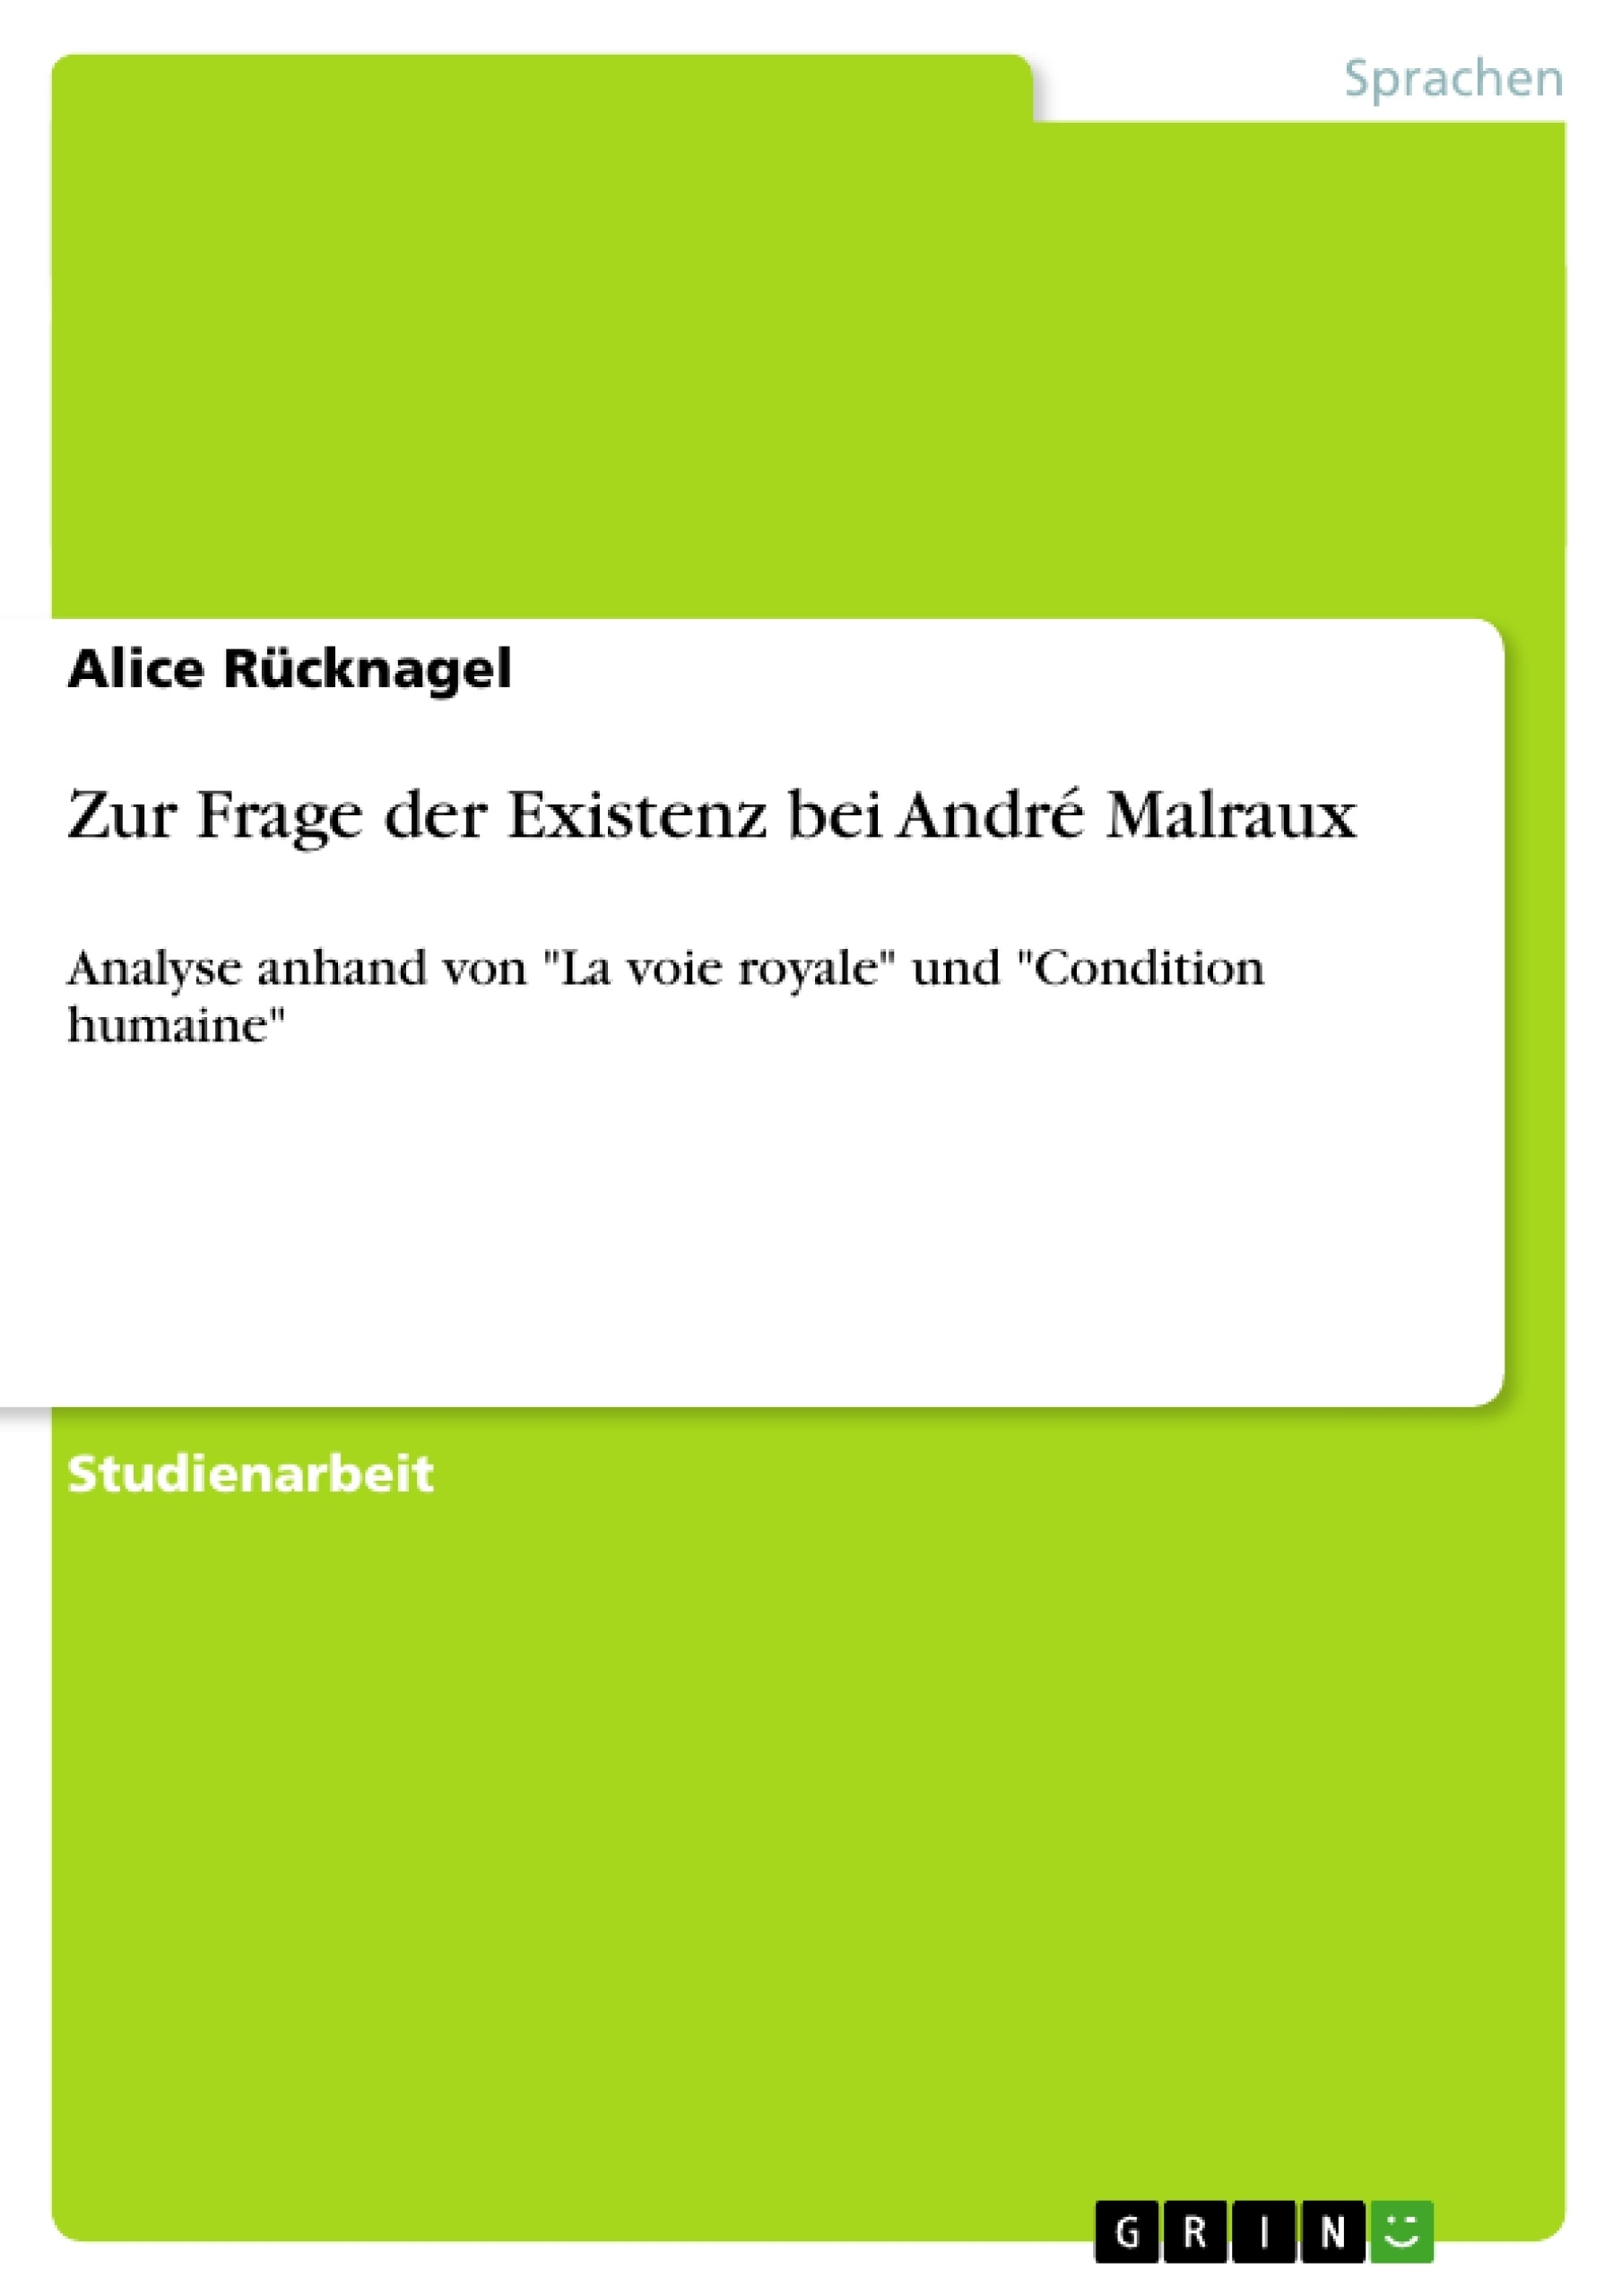 Titel: Zur Frage der Existenz bei André Malraux